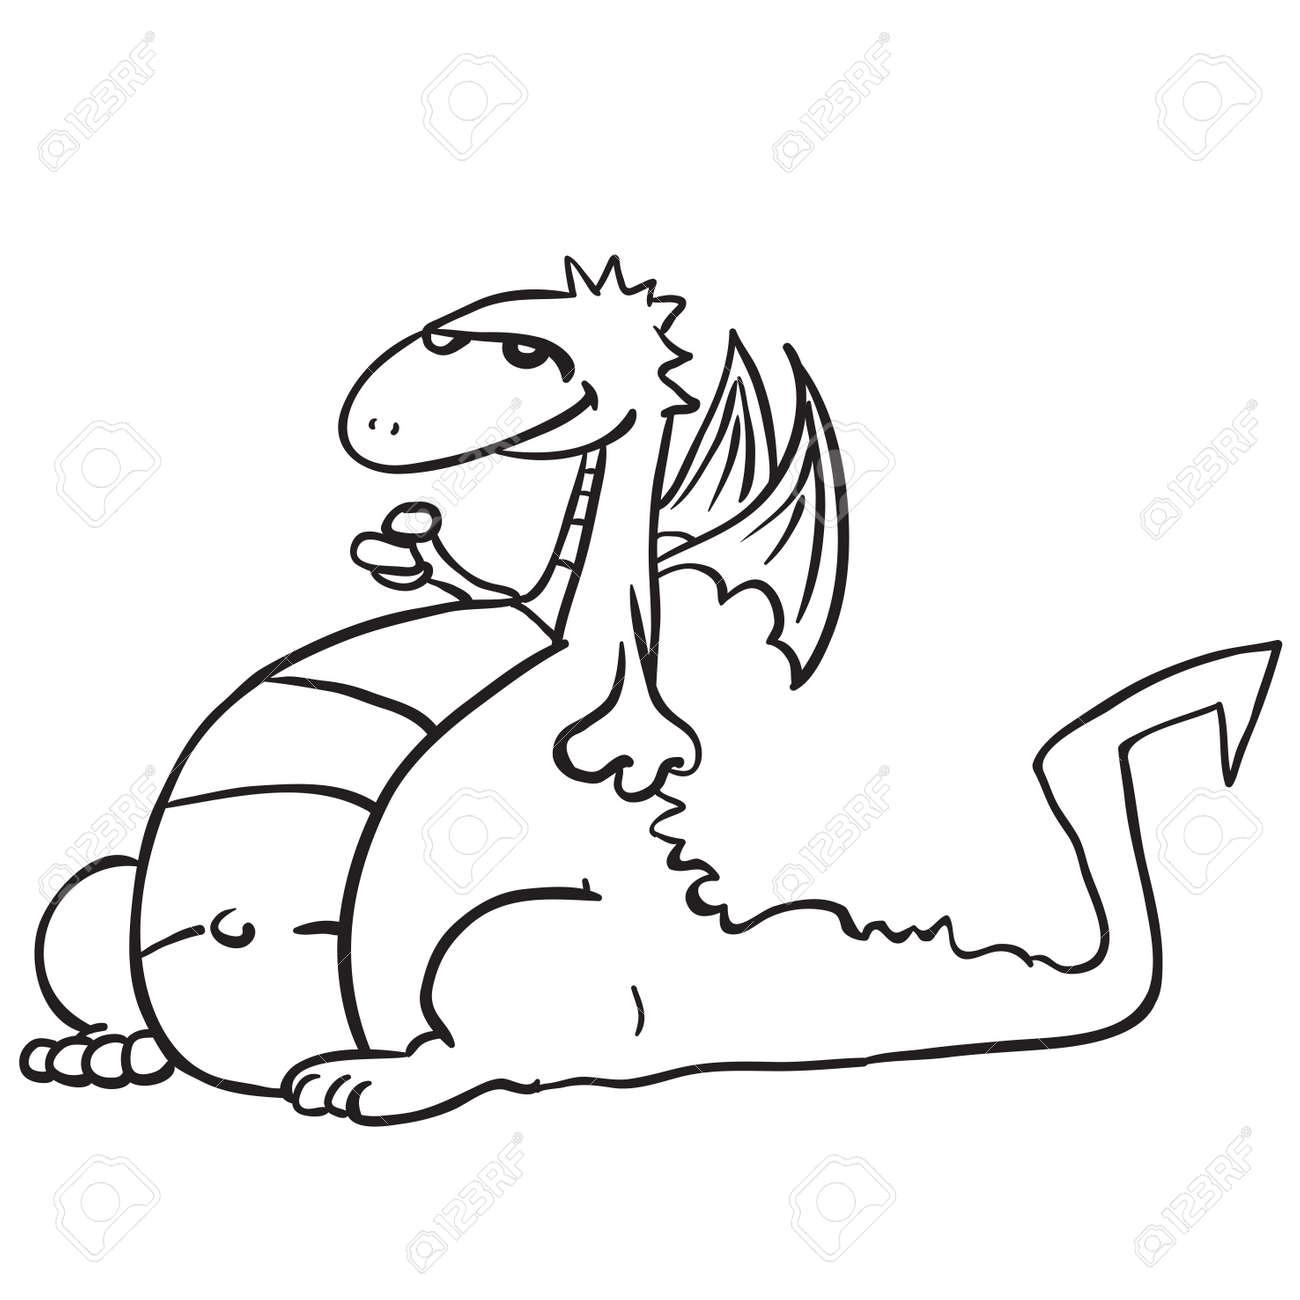 Simple Dessin Anime Dragon Noir Et Blanc Clip Art Libres De Droits Vecteurs Et Illustration Image 55349637